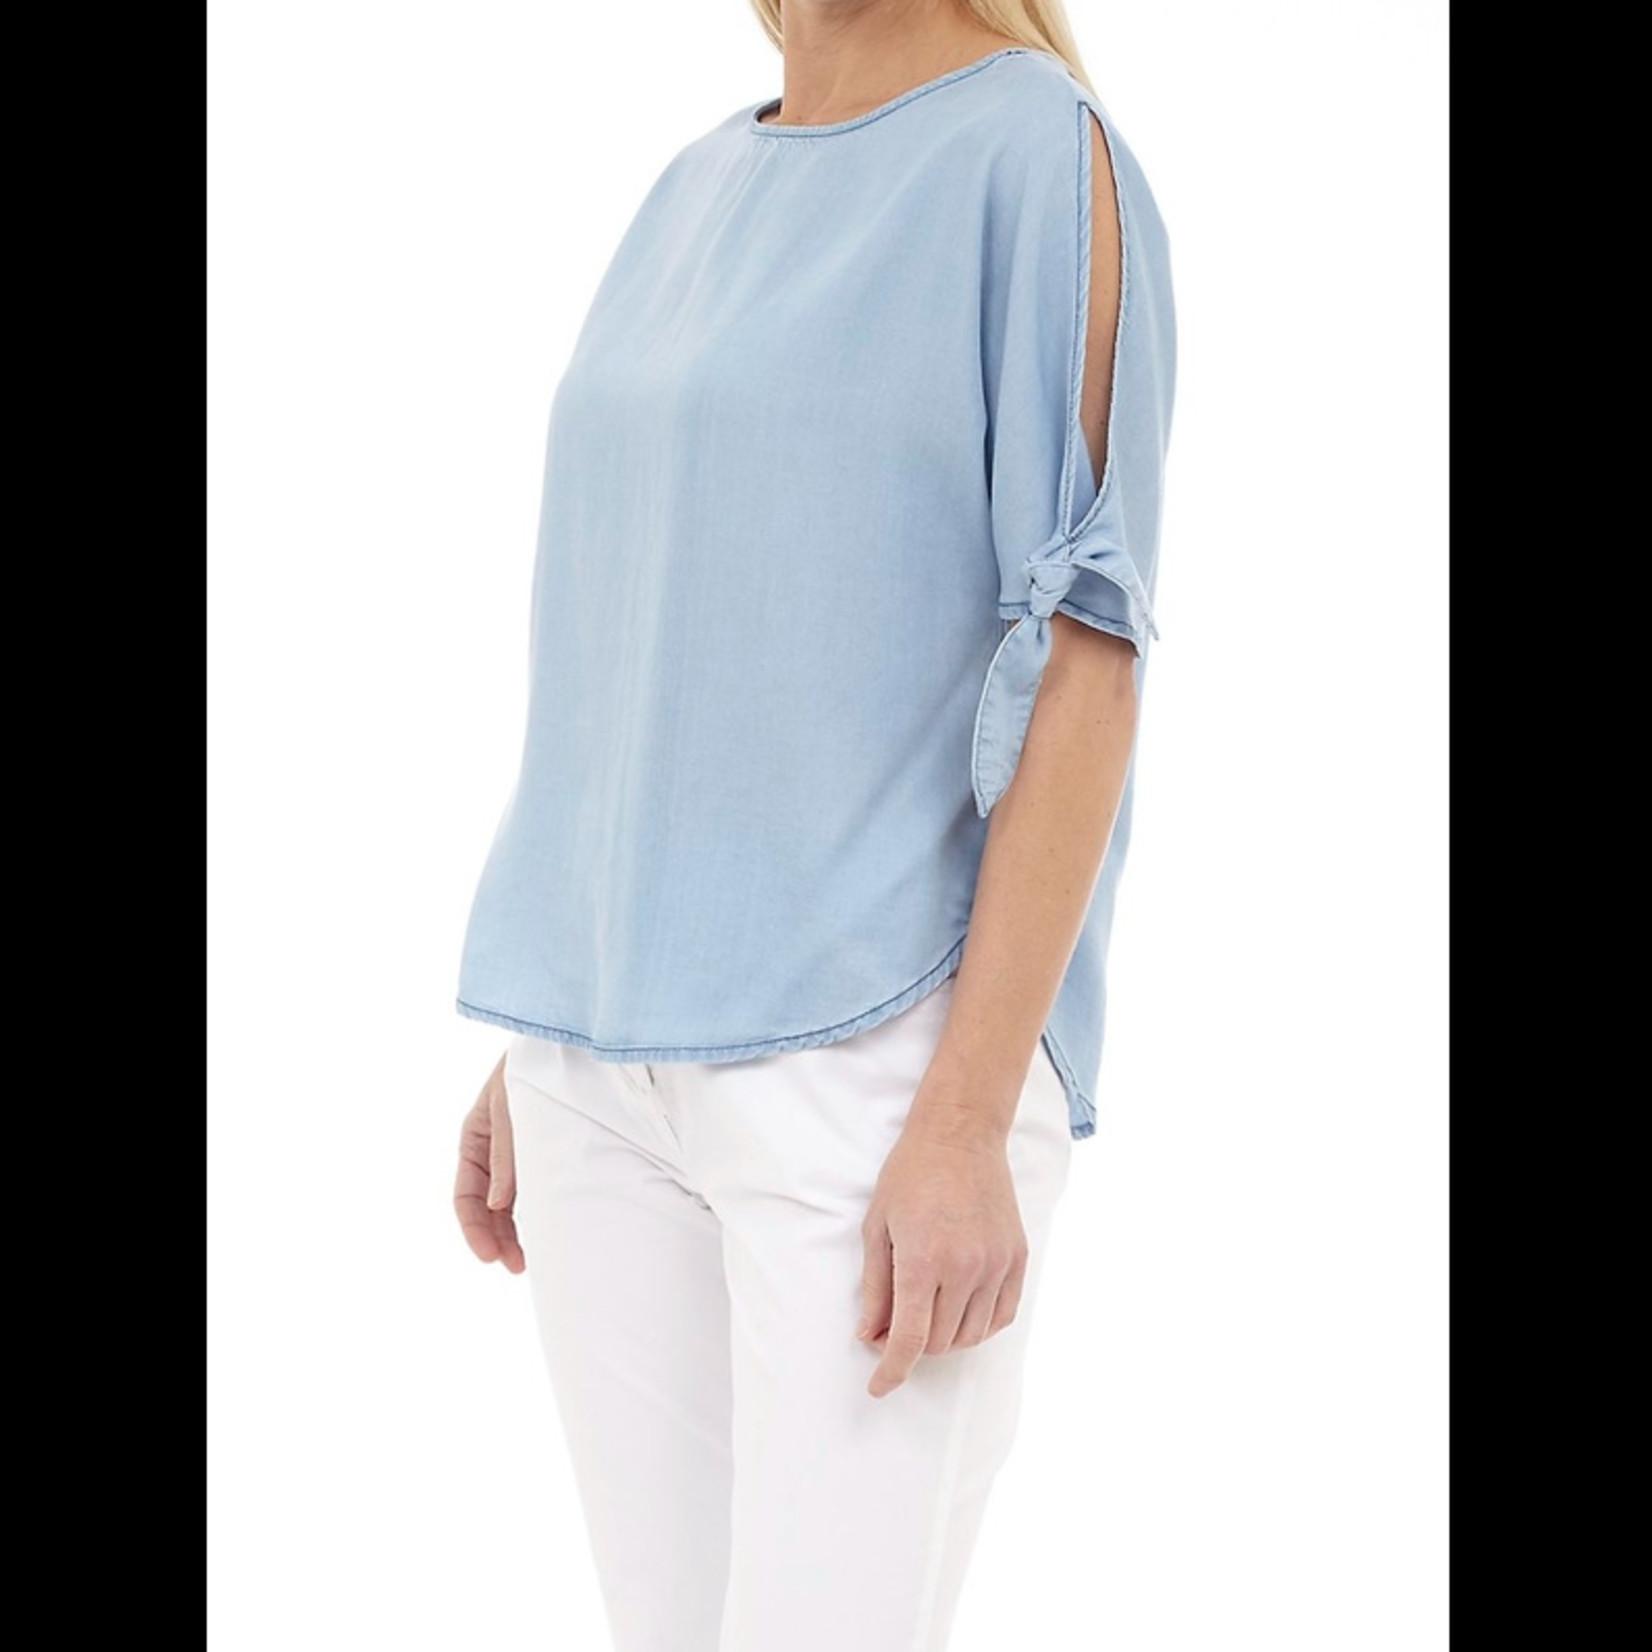 DKR & Company Short Sleeve Cold Shoulder Top